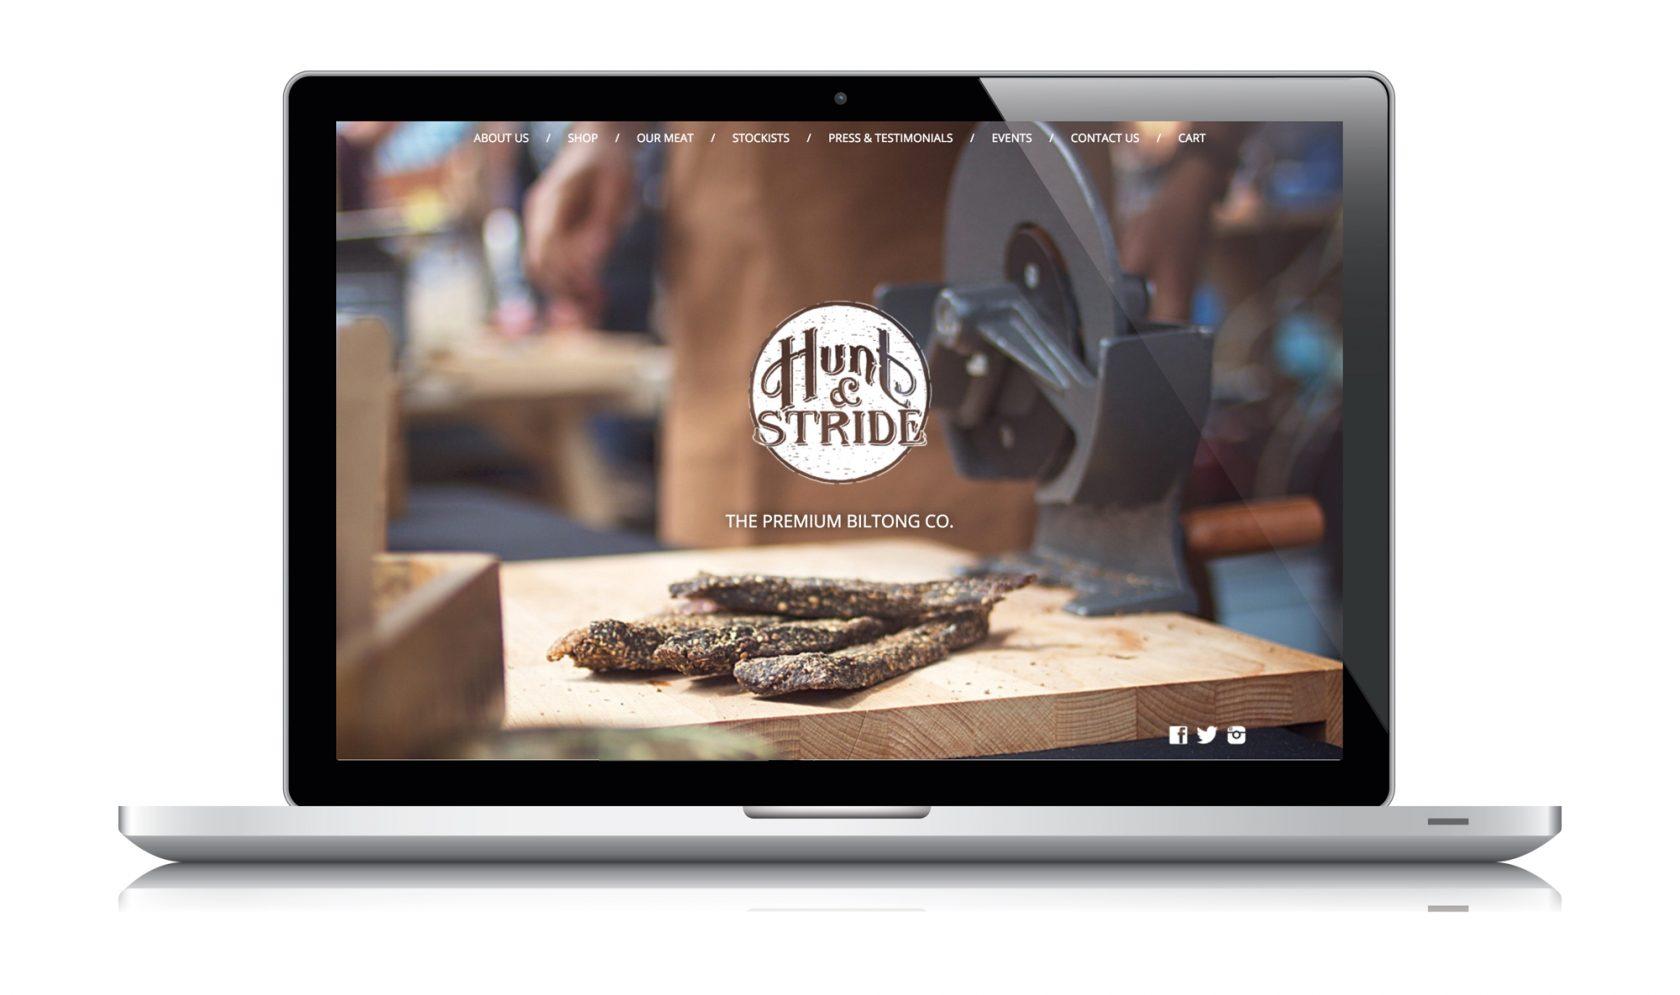 Hunt-and-stride-website-aldie.jpg